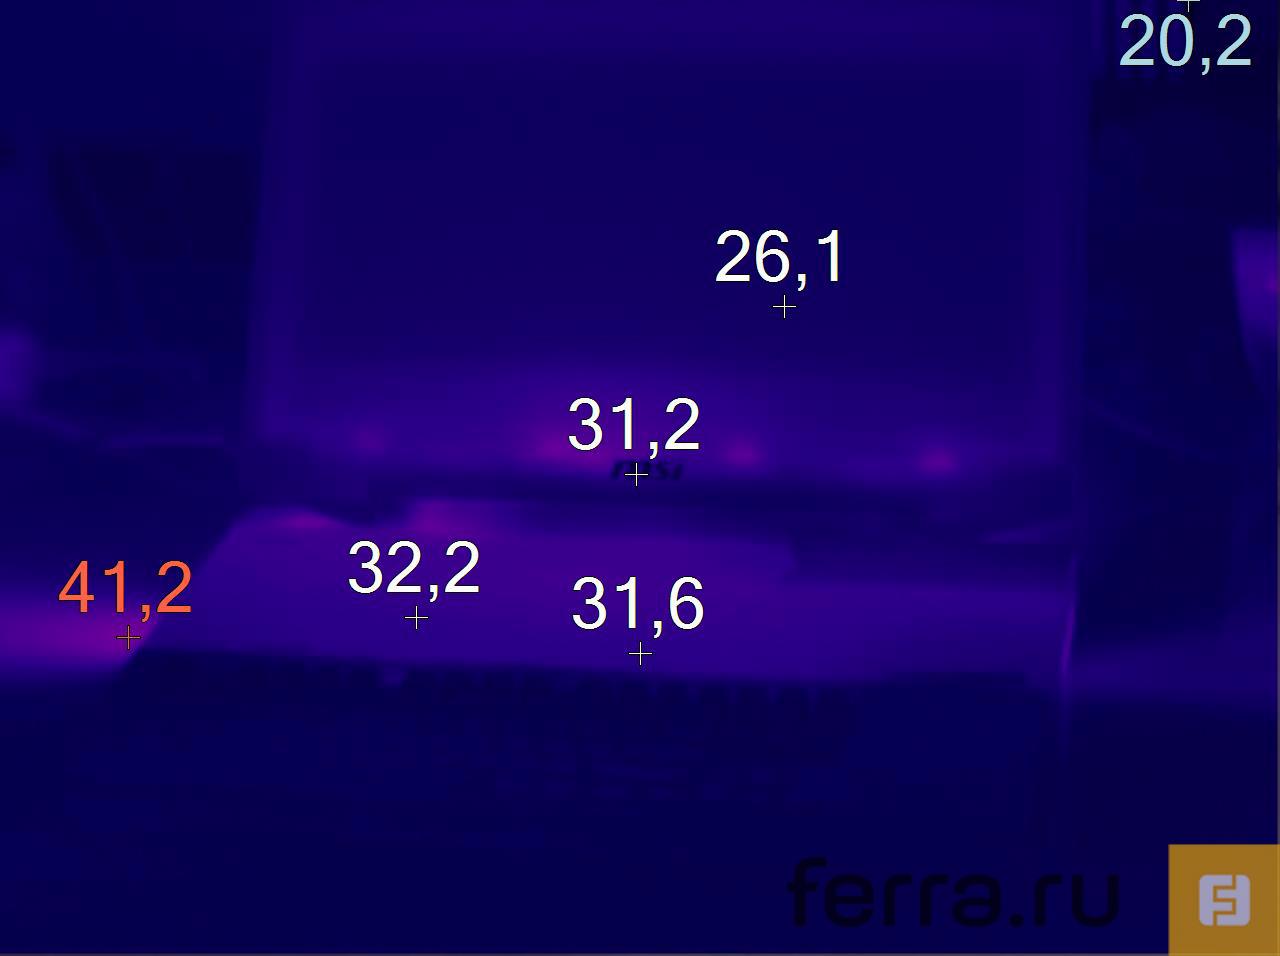 Температура корпуса MSI GT80 2QE Titan SLI после трёх часов игры в Battlefield 4 с включенной функцией Cooler Boost